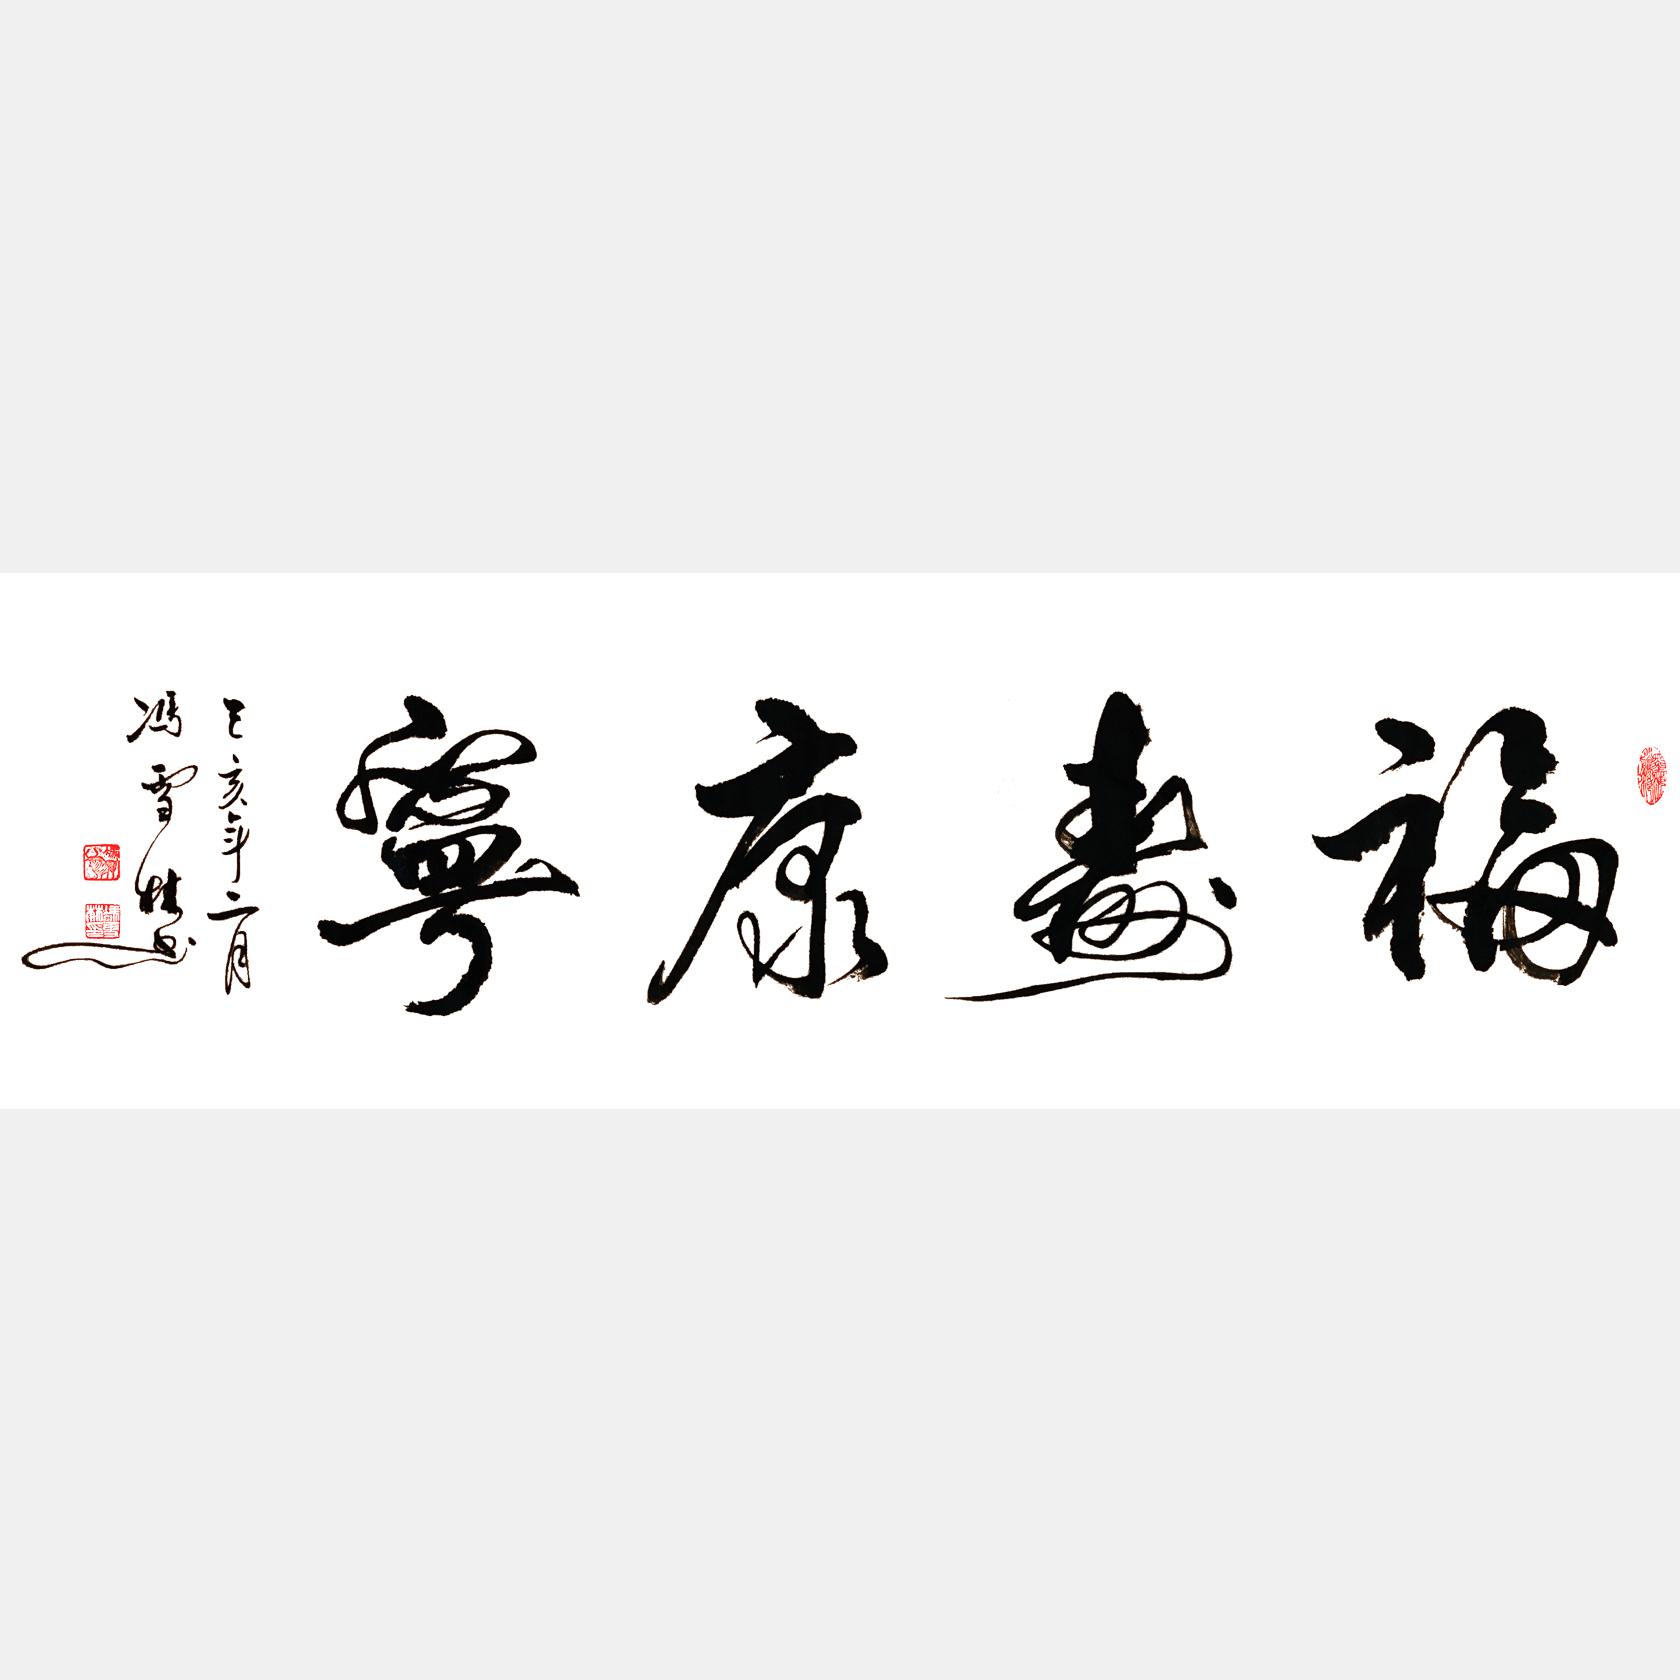 冯雪林书法字画 福寿康宁书法作品 行书 横幅